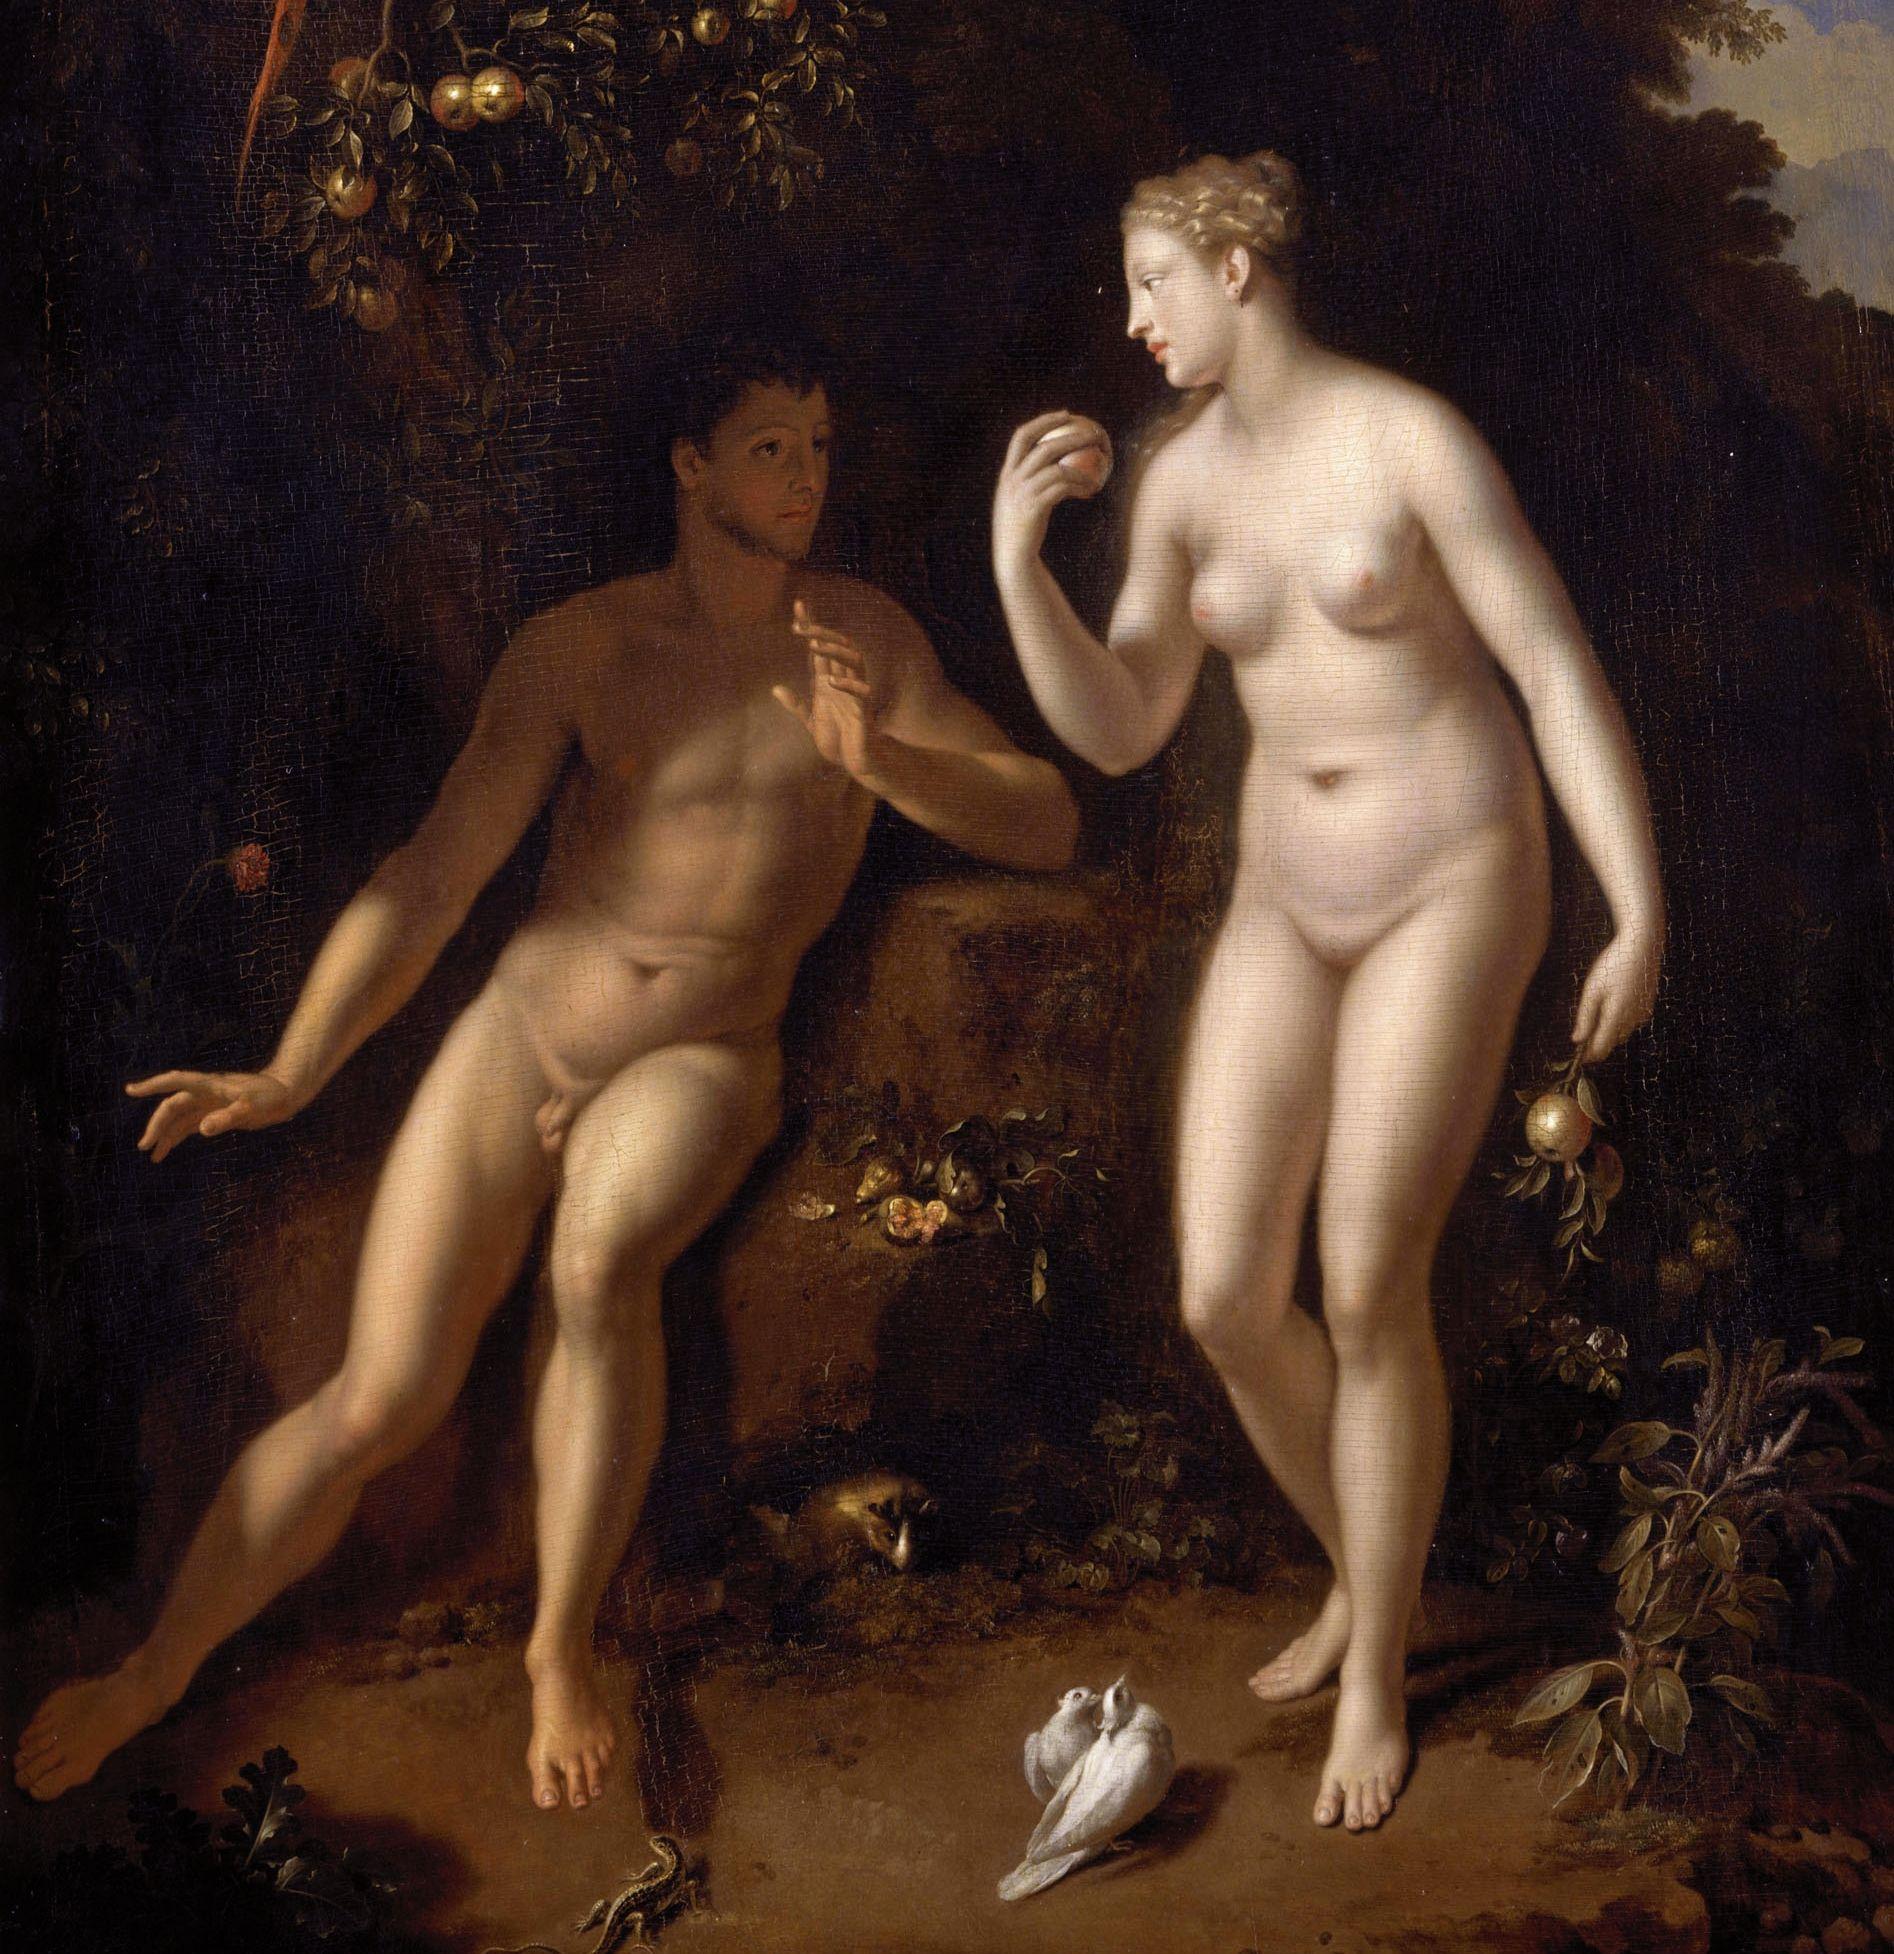 Biblijna Ewa wręczająca jabłko biblijnemu Adamowi. W tym wypadku nie pochodziło ono spod jej pachy. A przynajmniej miejmy taką nadzieję... Obraz Adriaeena van der Werfa z ok. 1711 roku (źródło: domena publiczna).